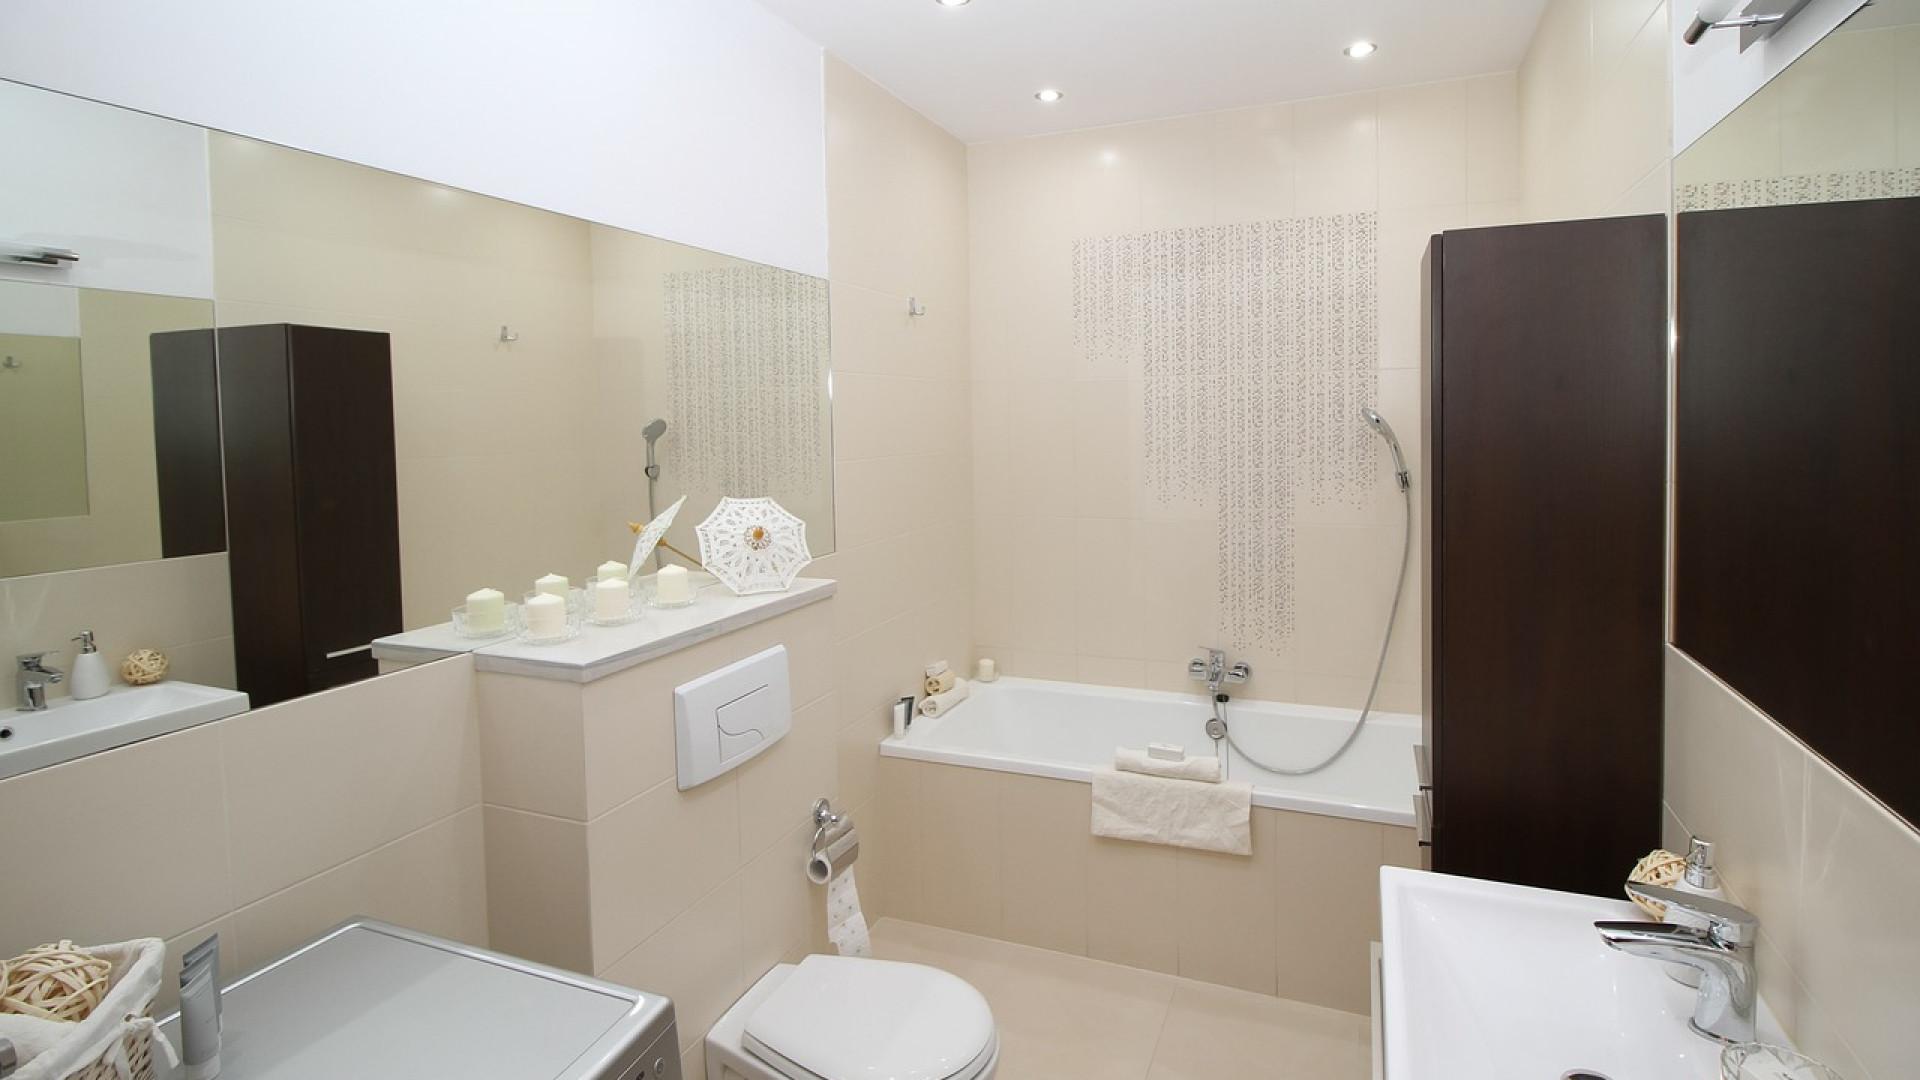 Rénover sa salle de bain en trois questions